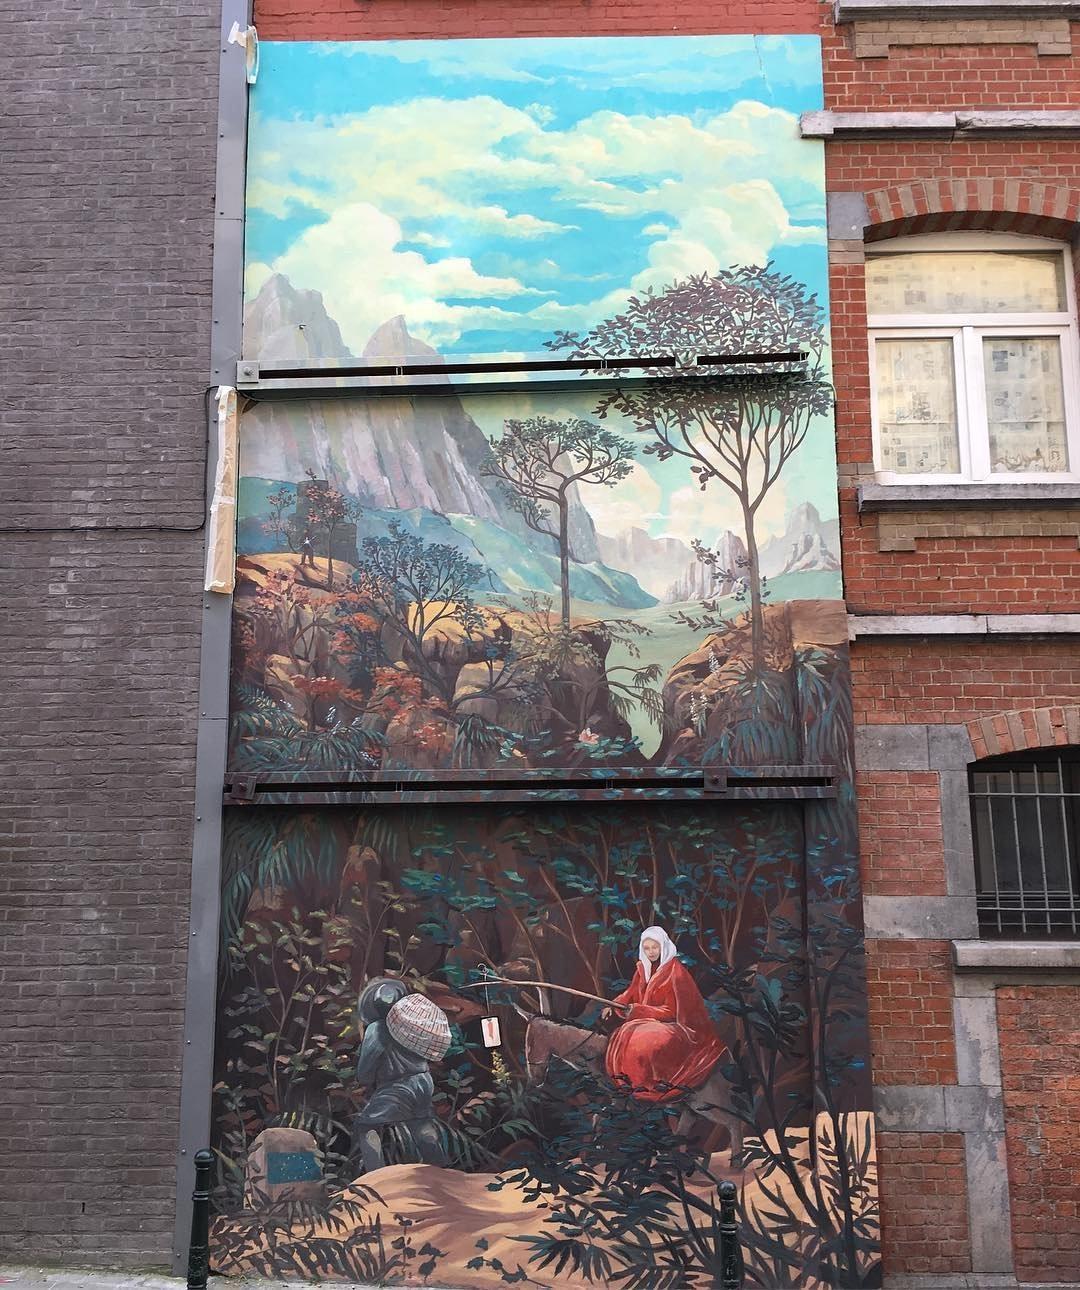 Piotr W. Osburne @Brussels, Belgium